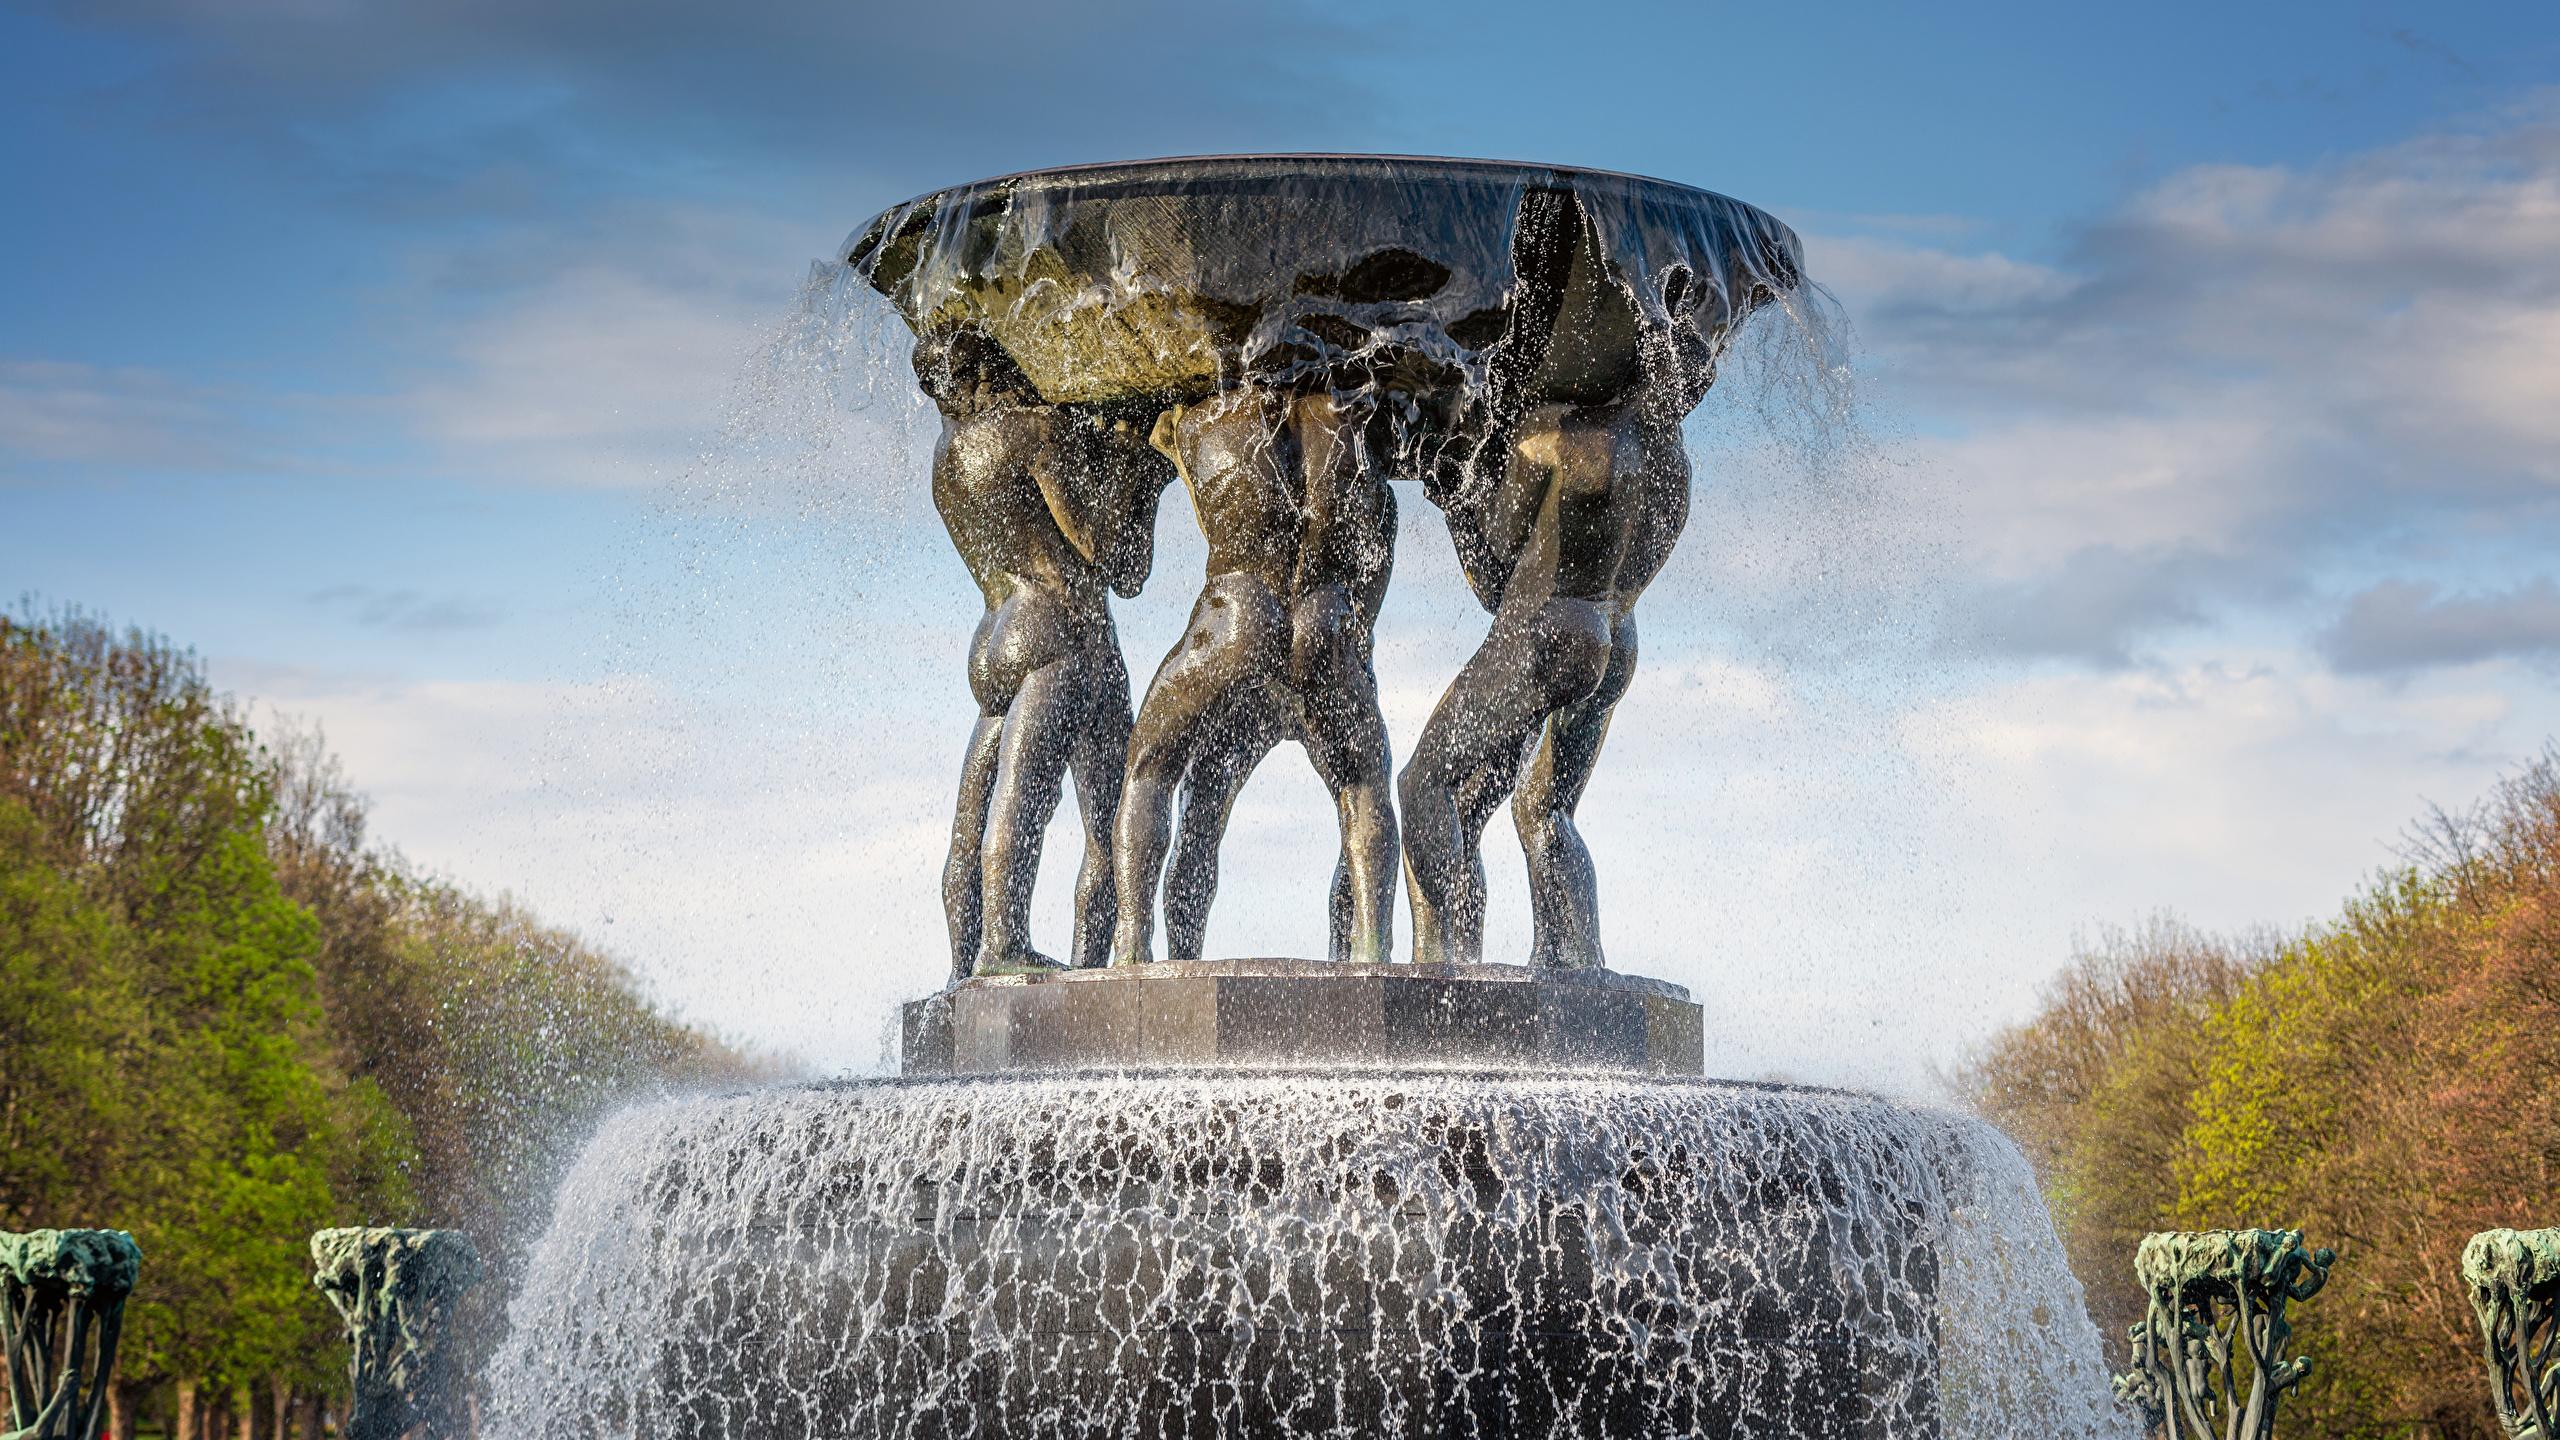 Обои для рабочего стола город Норвегия Фонтаны Fountain in The Vigeland Park Oslo Осло Брызги Скульптуры 2560x1440 Города с брызгами